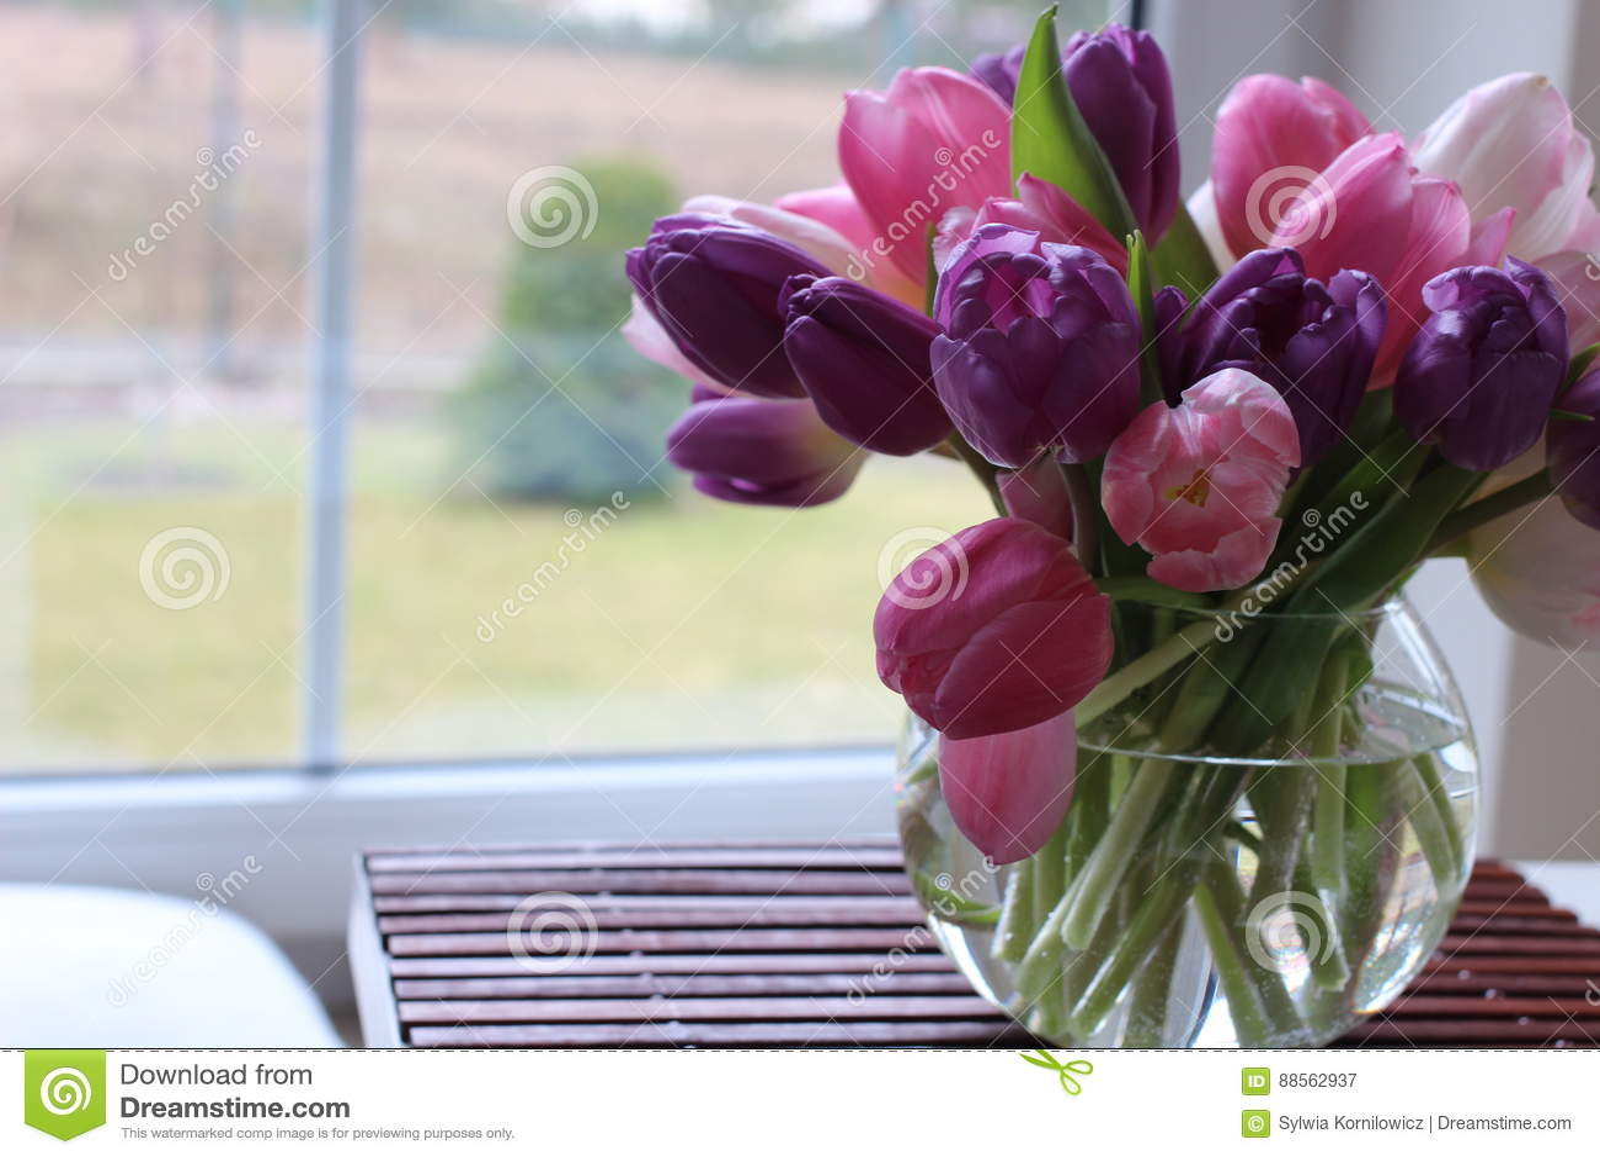 Frühlingszeit, Muttertag, Blumen und Kerzen, Rosa, Purpur, reizende Zeit, netter Geruch, reizende Farben, romantische Farben, Val